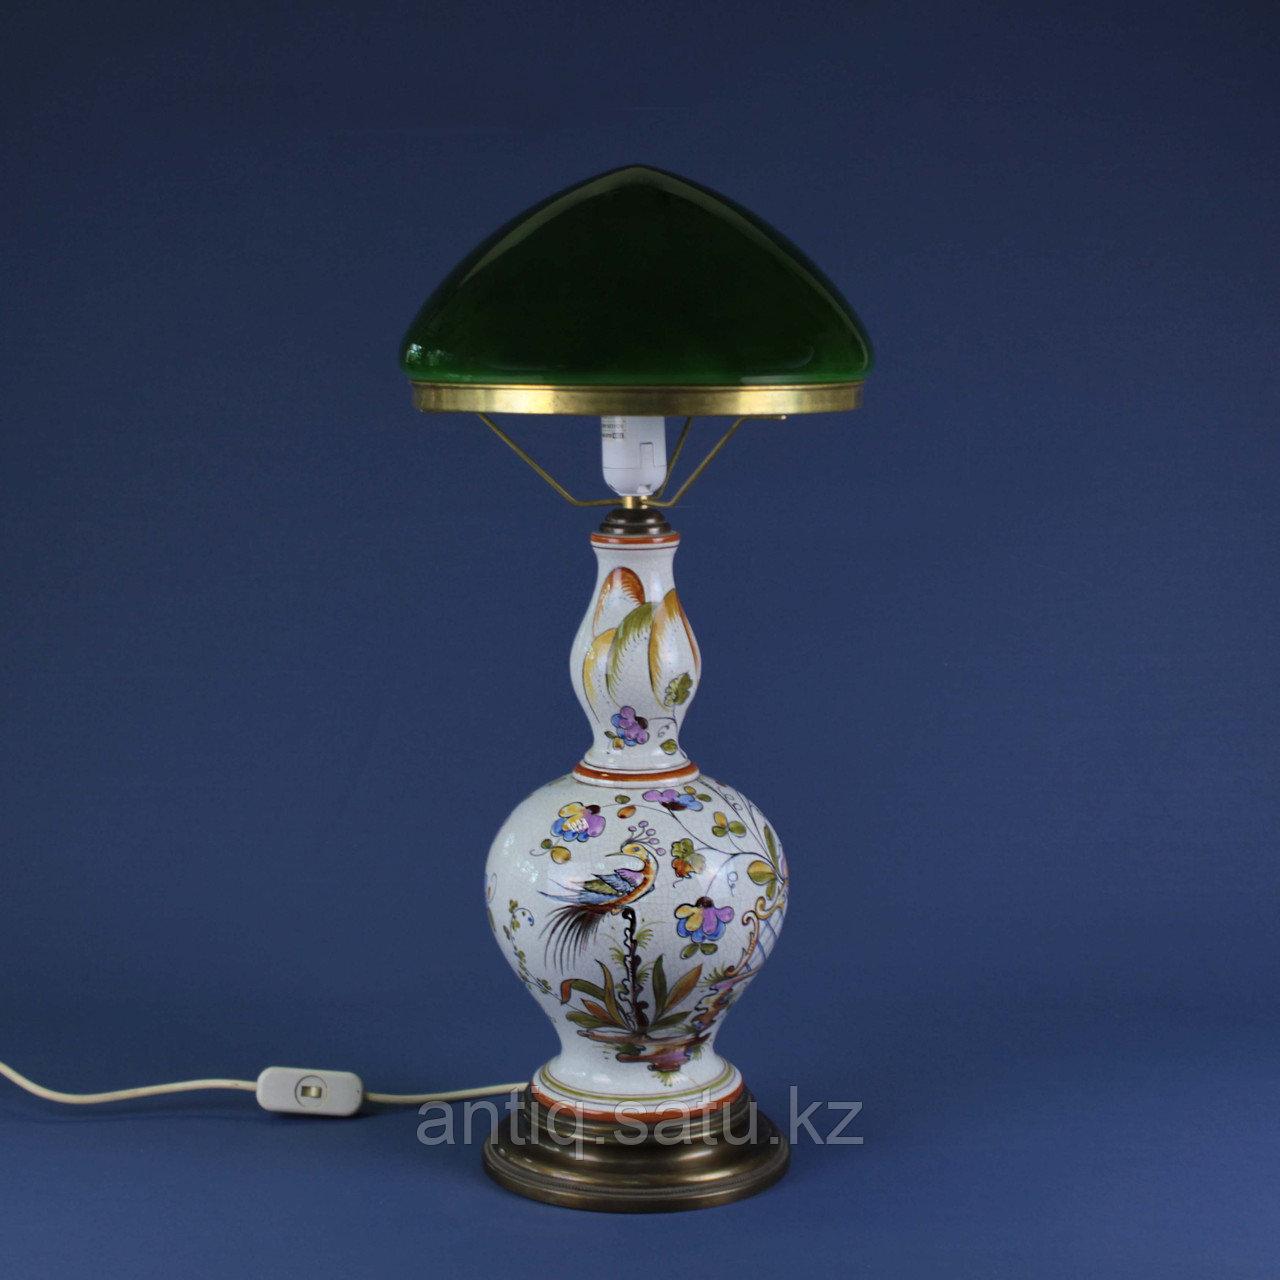 Лампа из итальянской мойолики. - фото 1